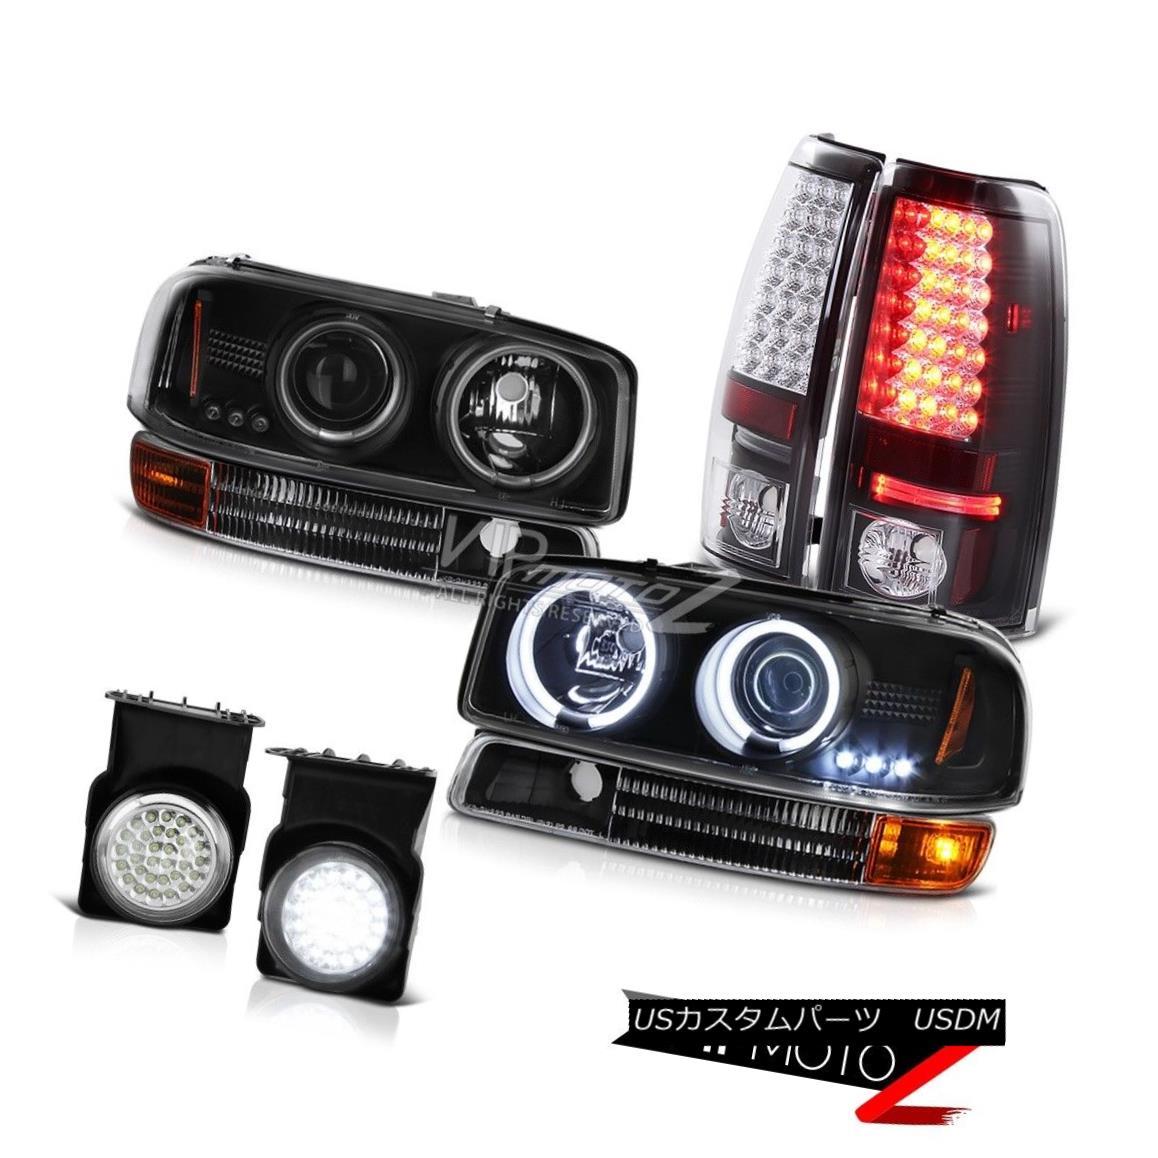 ヘッドライト CCFL Halo Headlights Black Tail Lights Assembly LED Bumper Fog 04-06 Sierra 1500 CCFL HaloヘッドライトブラックテールライトアセンブリLEDバンパーフォグ04-06 Sierra 1500